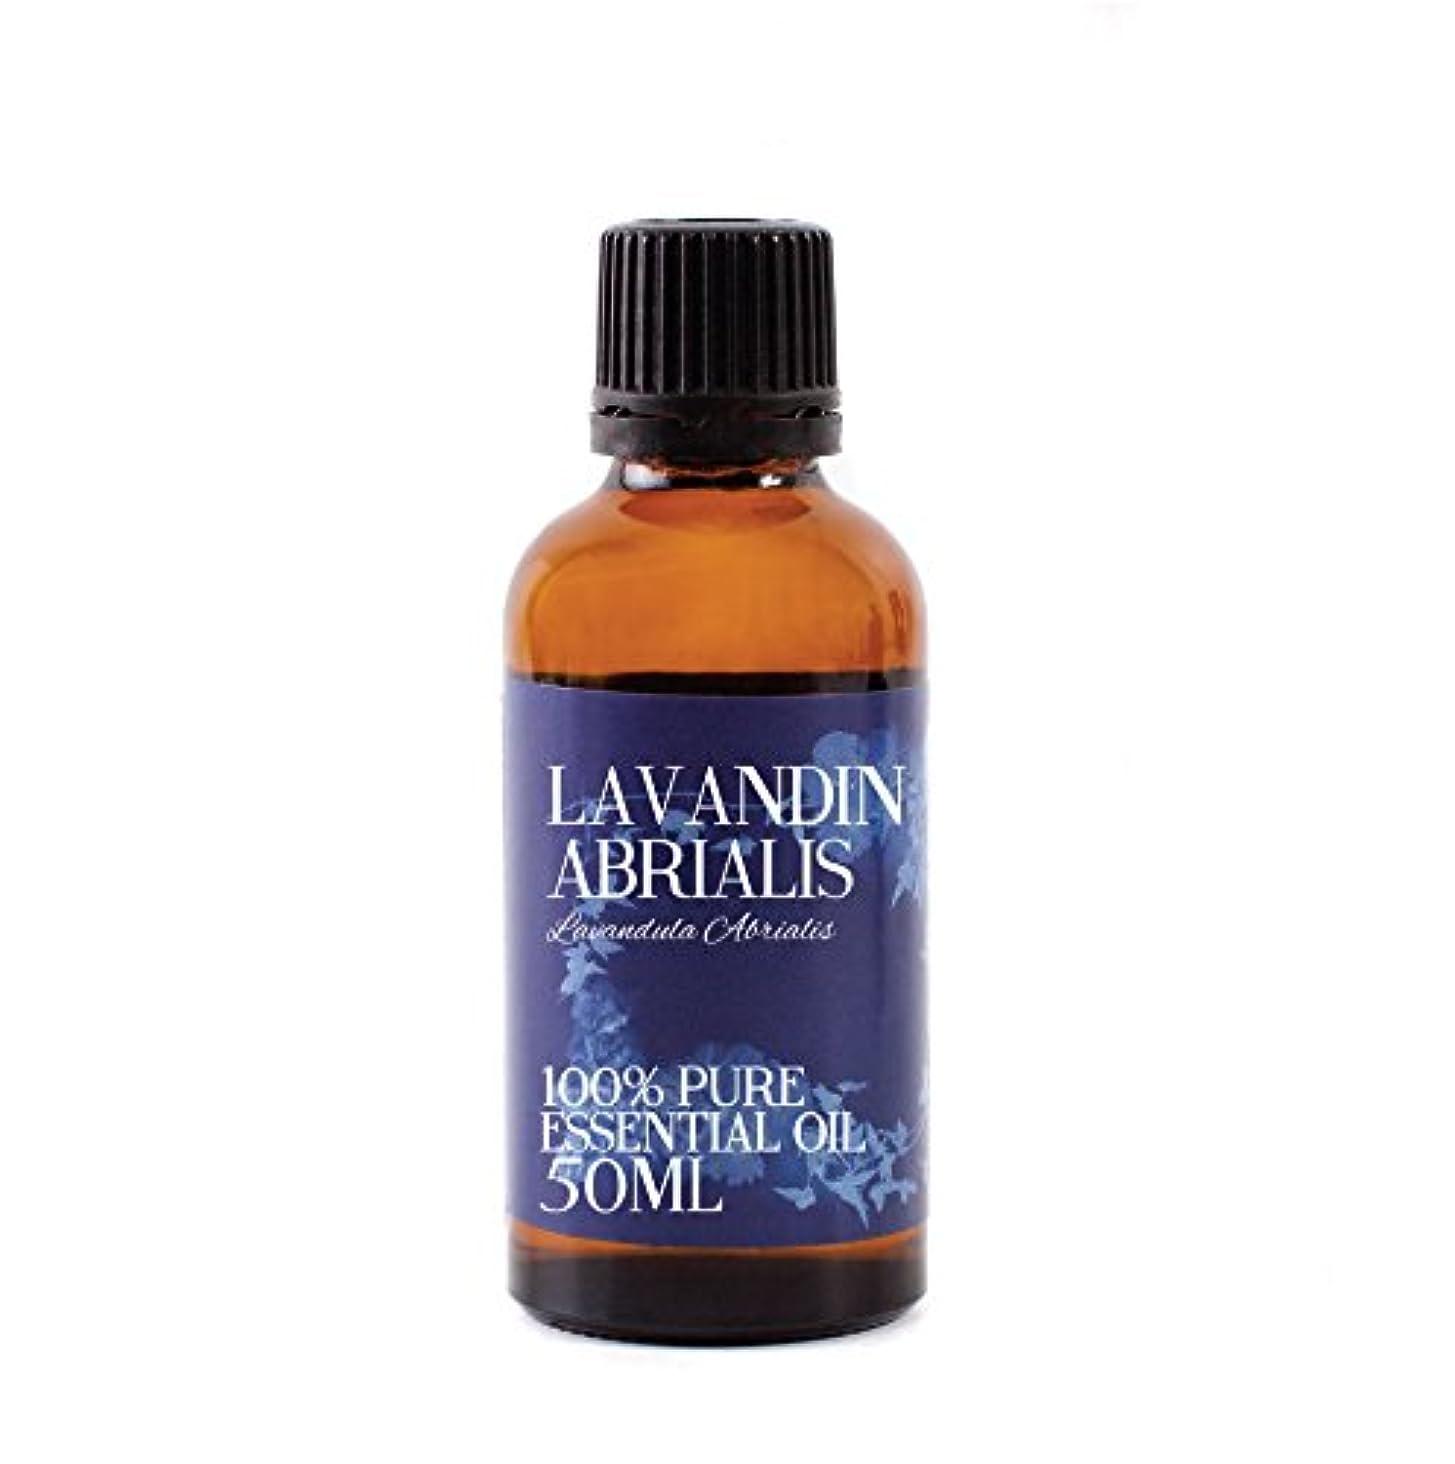 取るに足らない電球認証Mystic Moments | Lavandin Abrialis Essential Oil - 50ml - 100% Pure